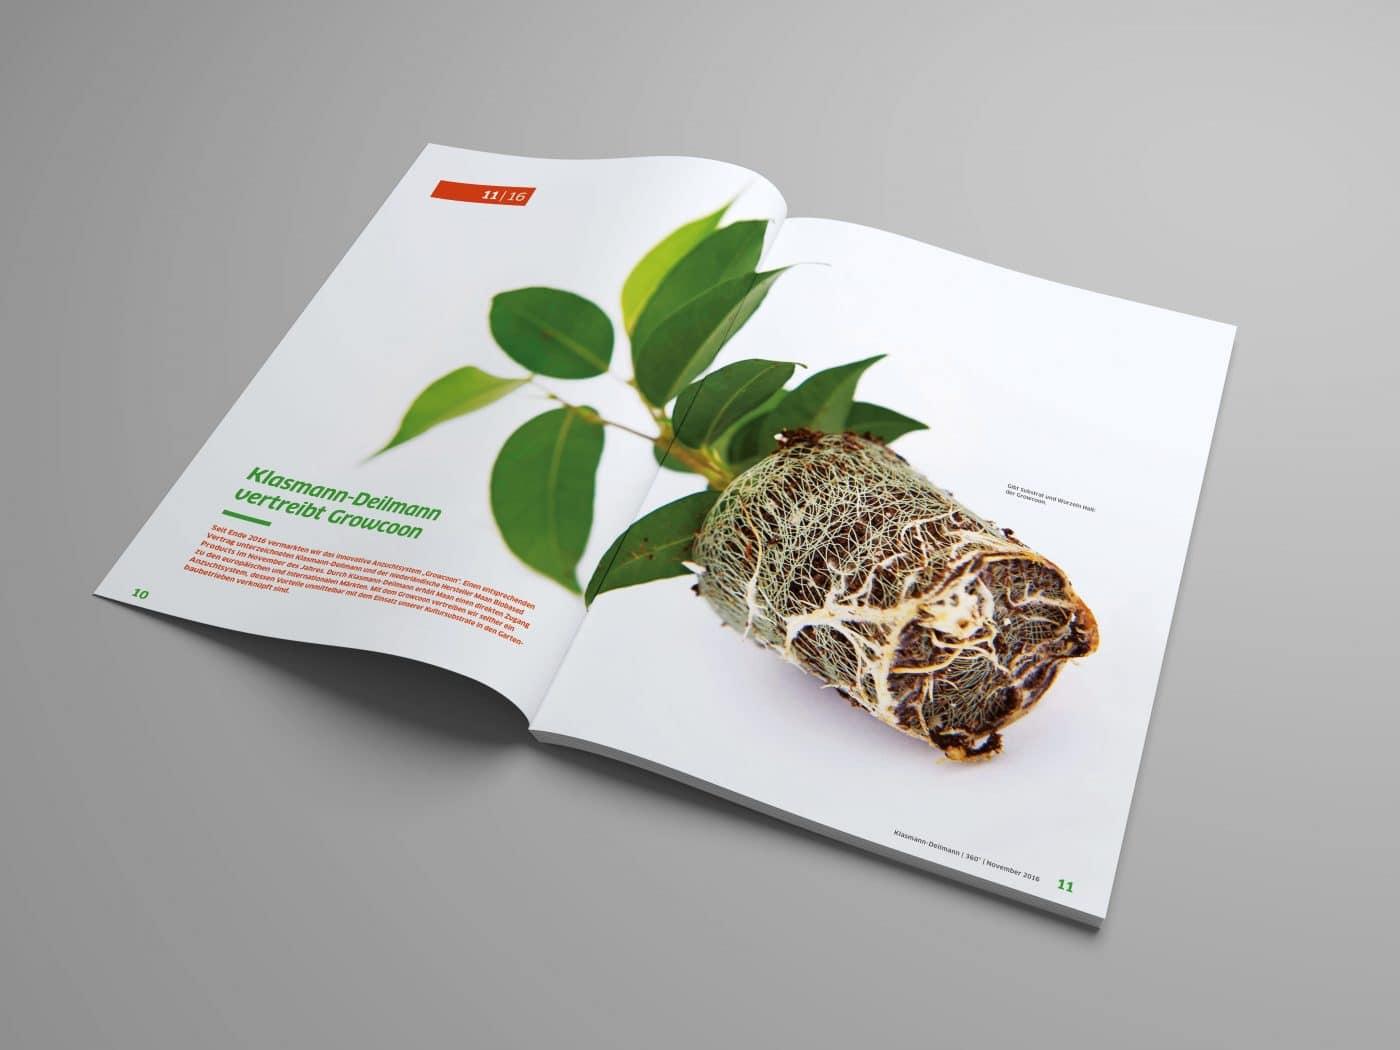 kd jahrbuch 05 - Ein rundum gelungenes Mitarbeiterjahrbuch – Corporate Design, Grafikdesign, Kommunikationsdesign, Branding, Markenentwicklung, Editorial Design